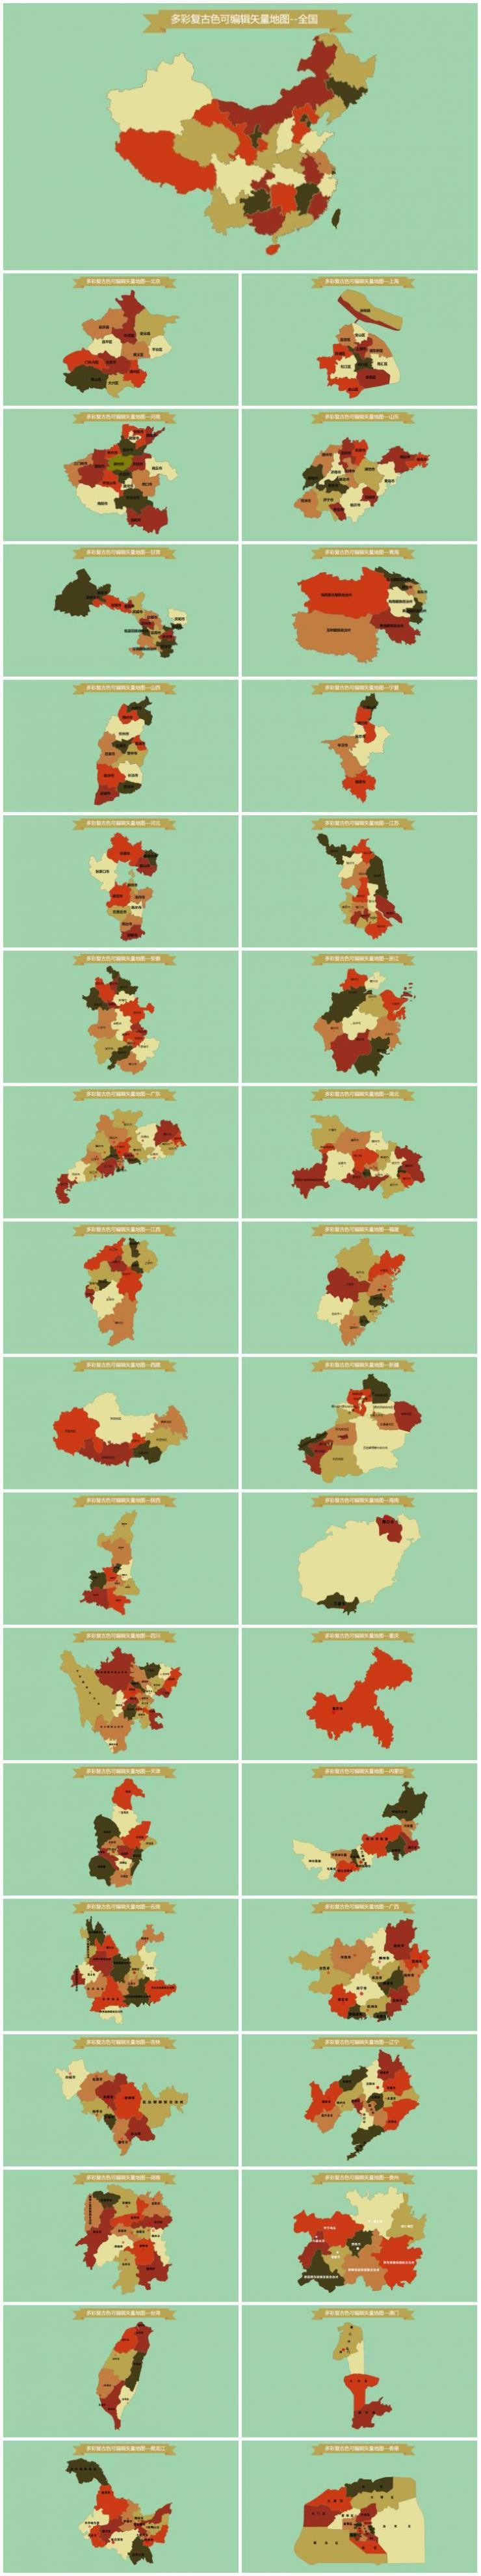 细分到省市全国地图PPT素材